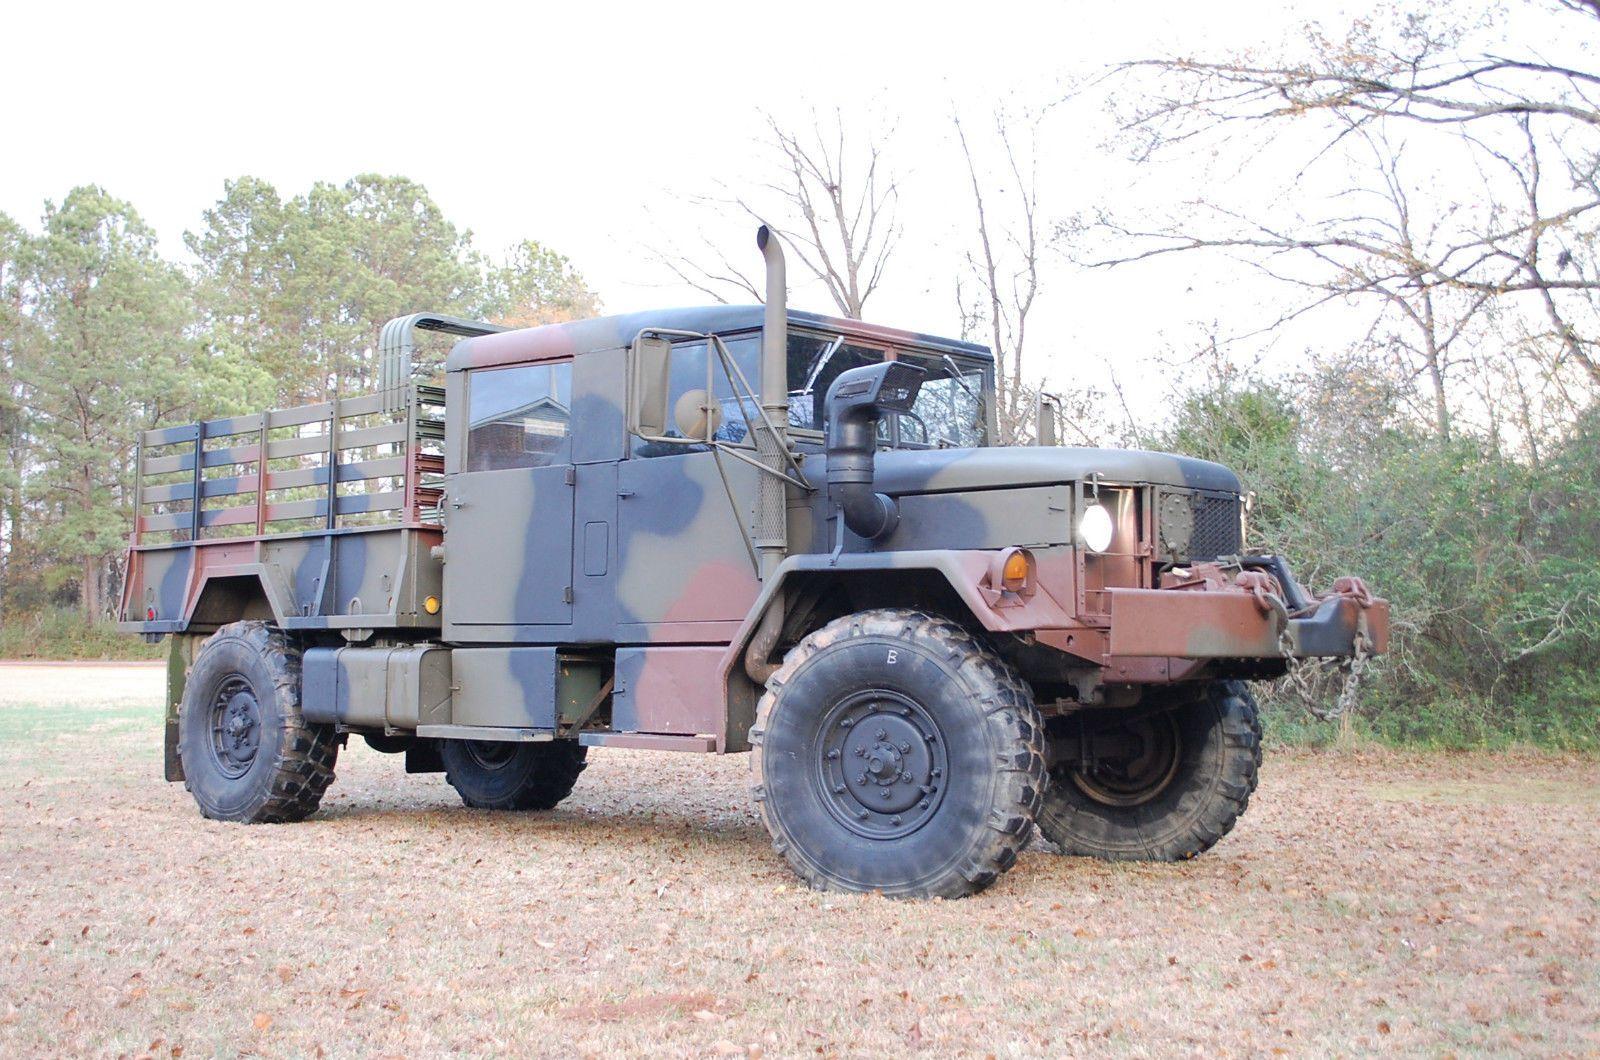 Details about 1972 AM General M35A2 CREW CAB 2 5 Ton Deuce